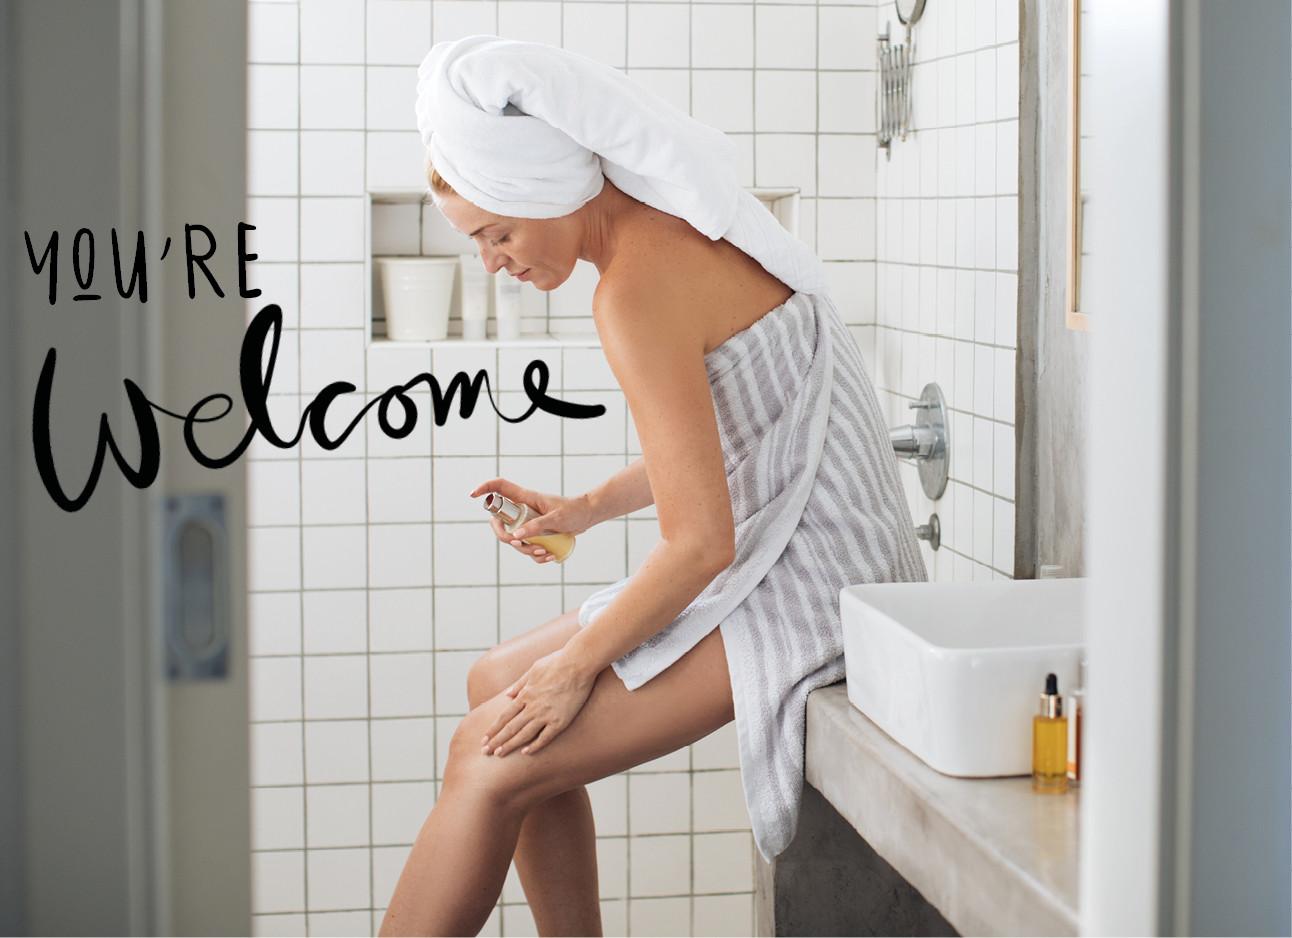 marion post over huidverzorging, een vrouw in de badkamer met een handdoek op haar hoofd en een om haar lichaam, smeert haar benen in met een creme, naast de wastafel staat een verzorgings olie